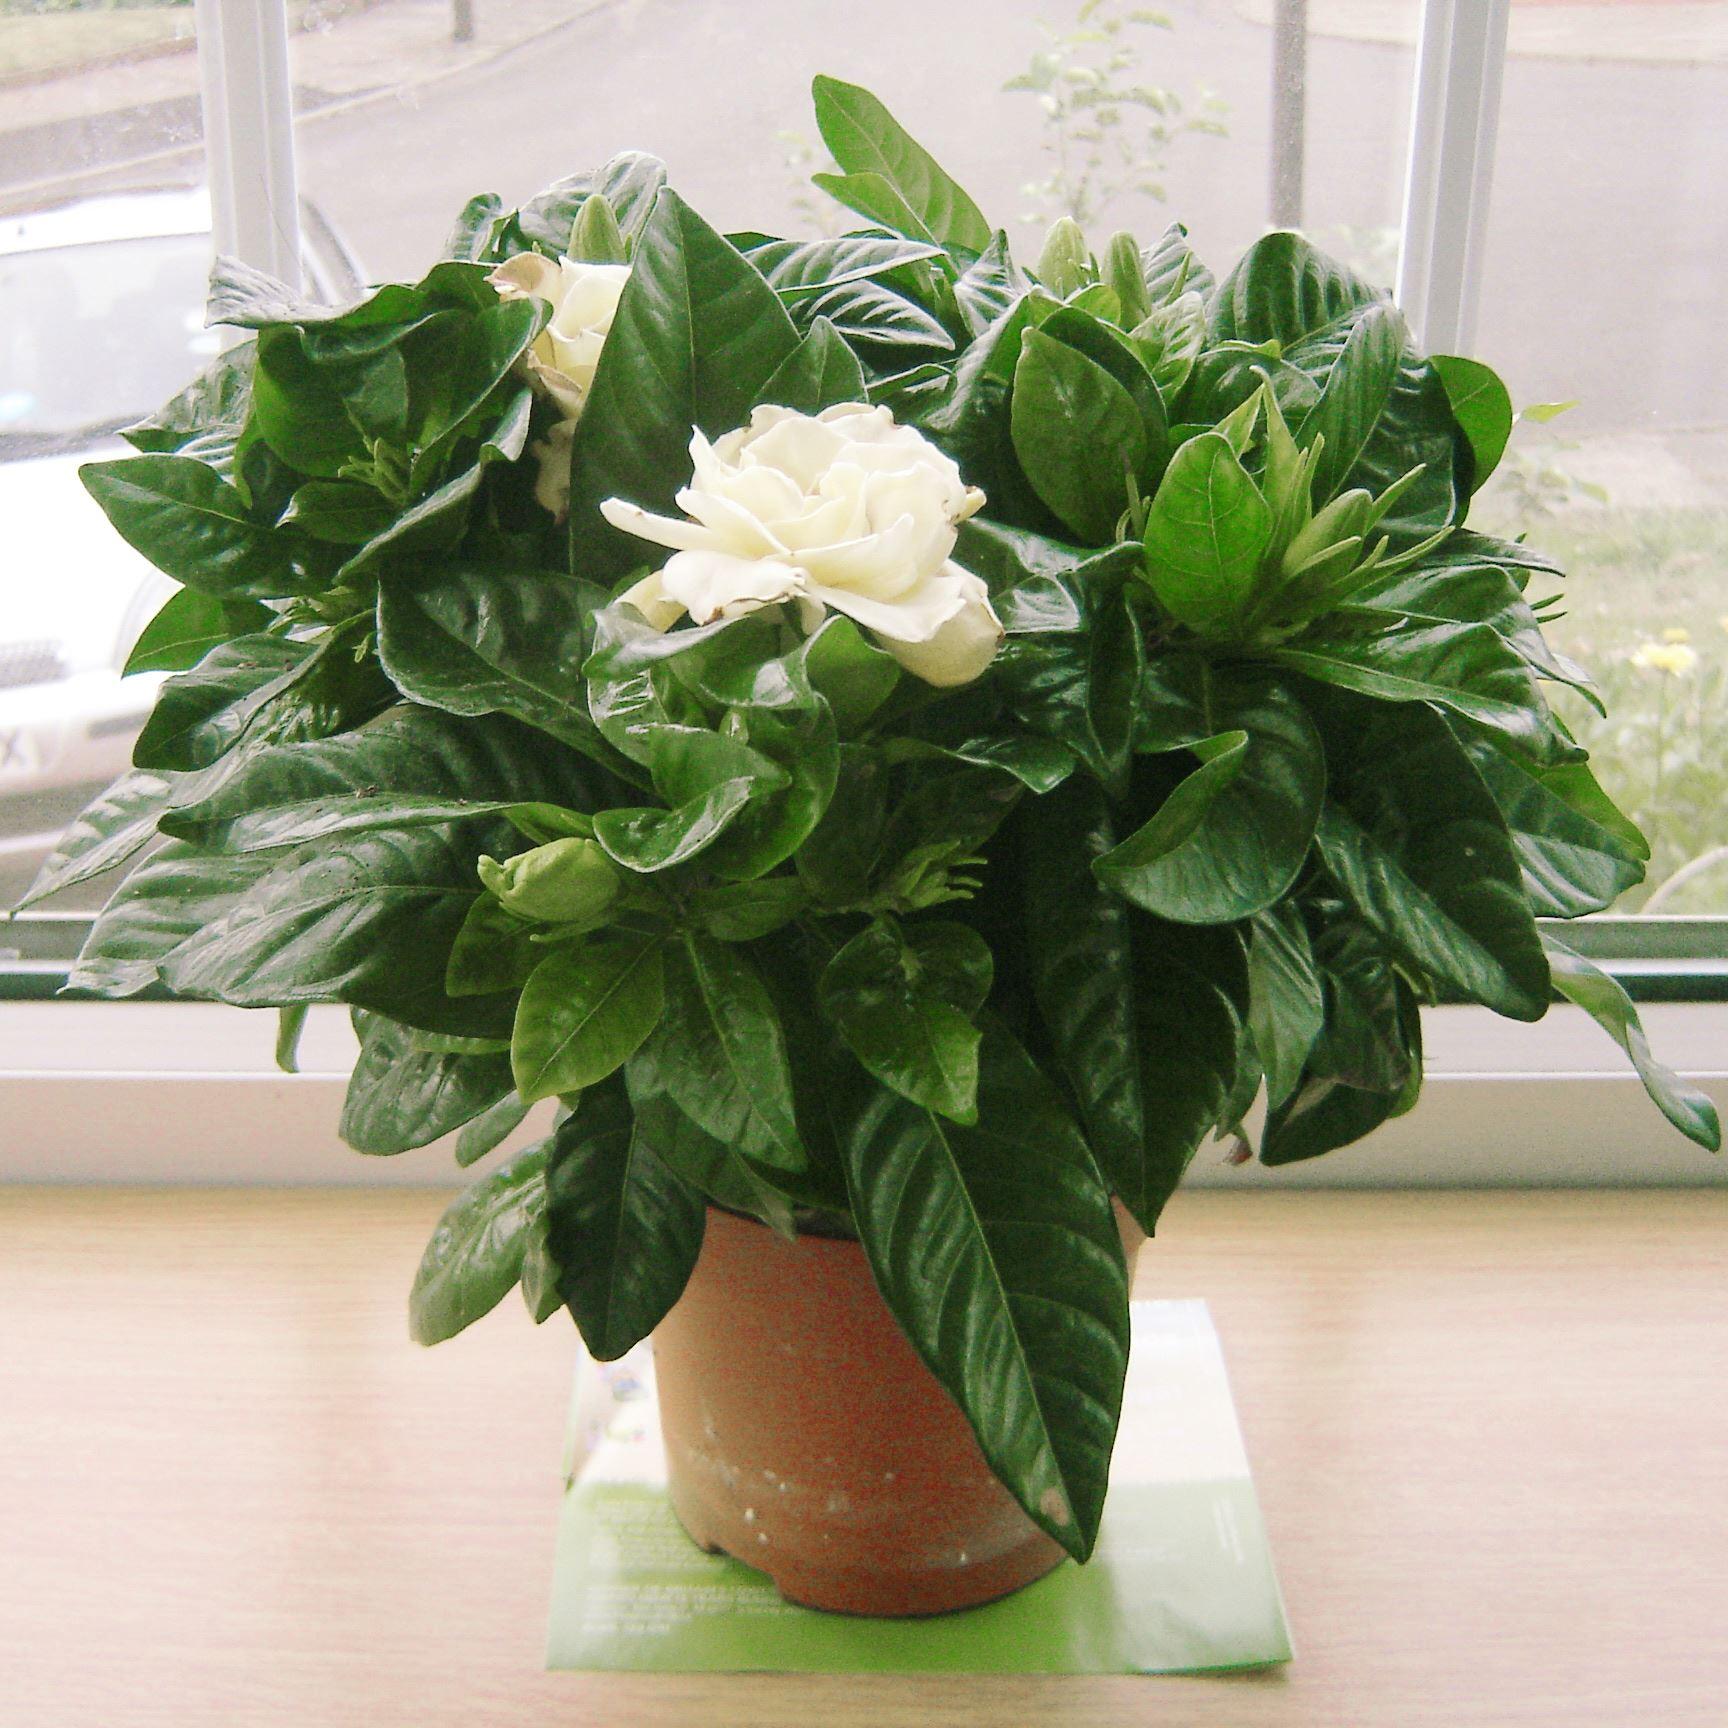 Profumata fragranza gardenia jasmine gioielli della corona - Gardenia pianta da giardino ...